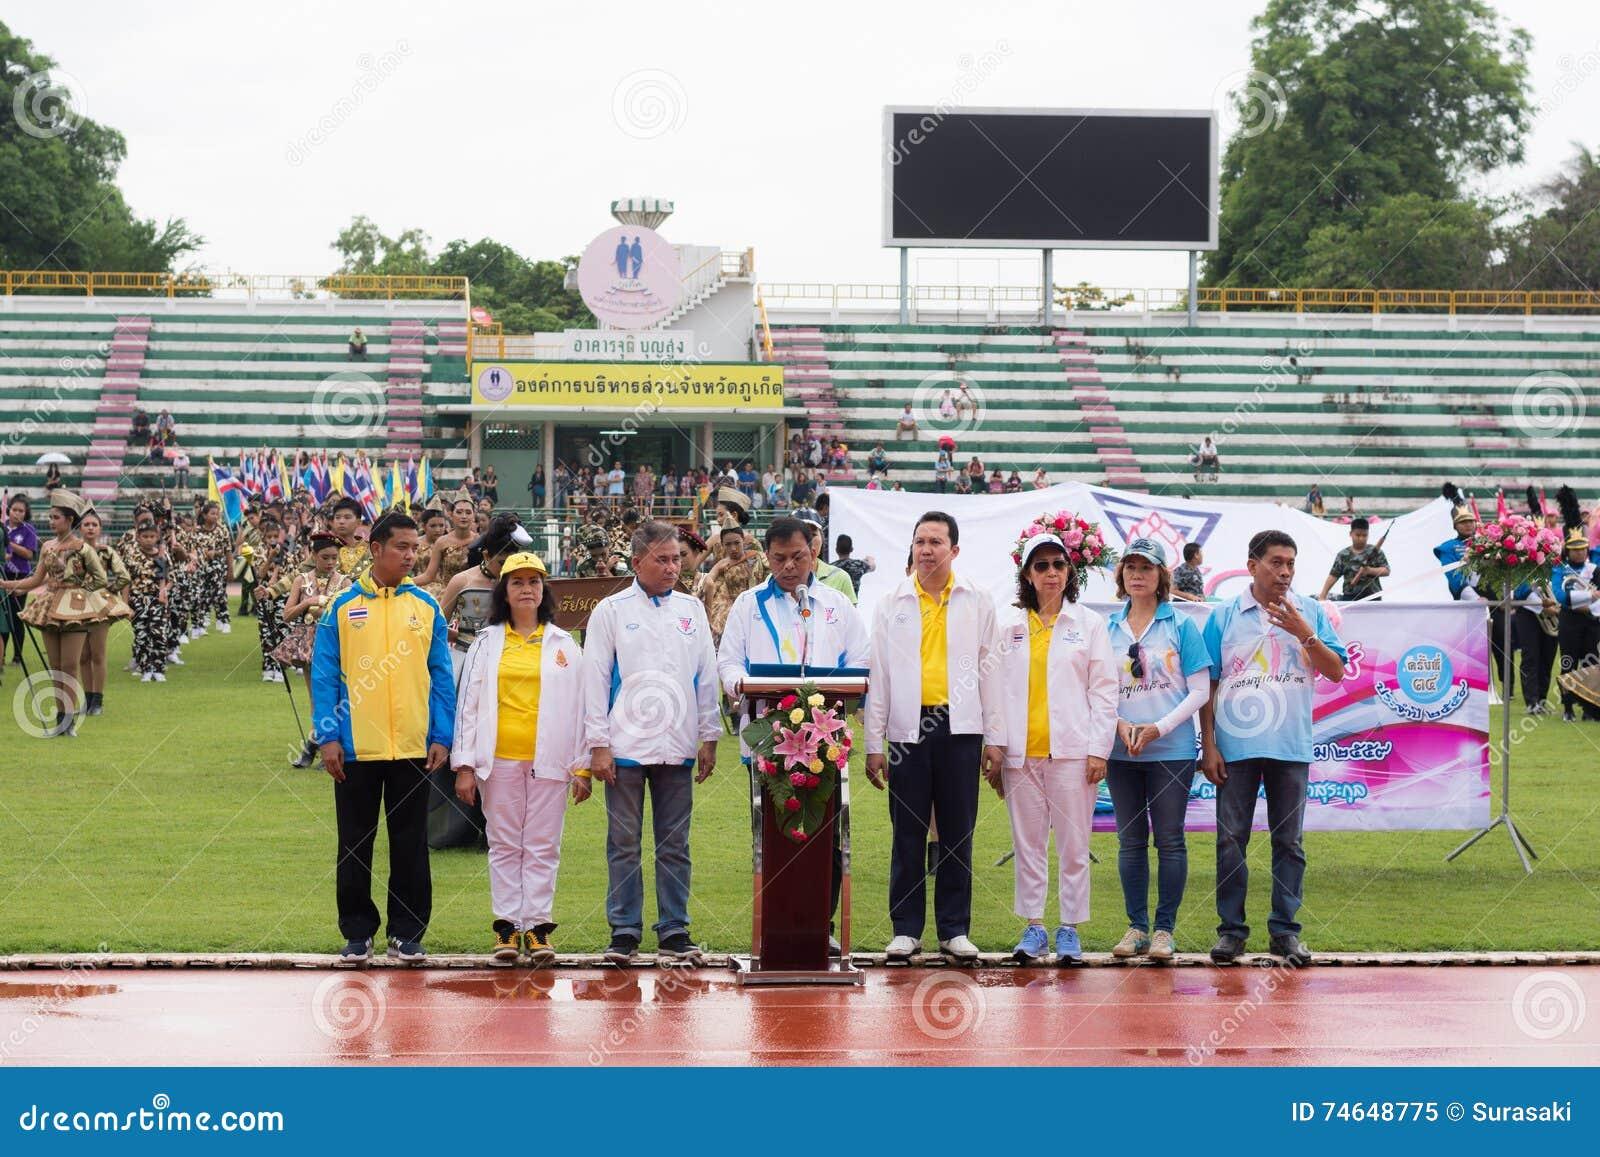 PHUKET, THAILAND - JUL 13 : Opening Ceremony Of Yearly